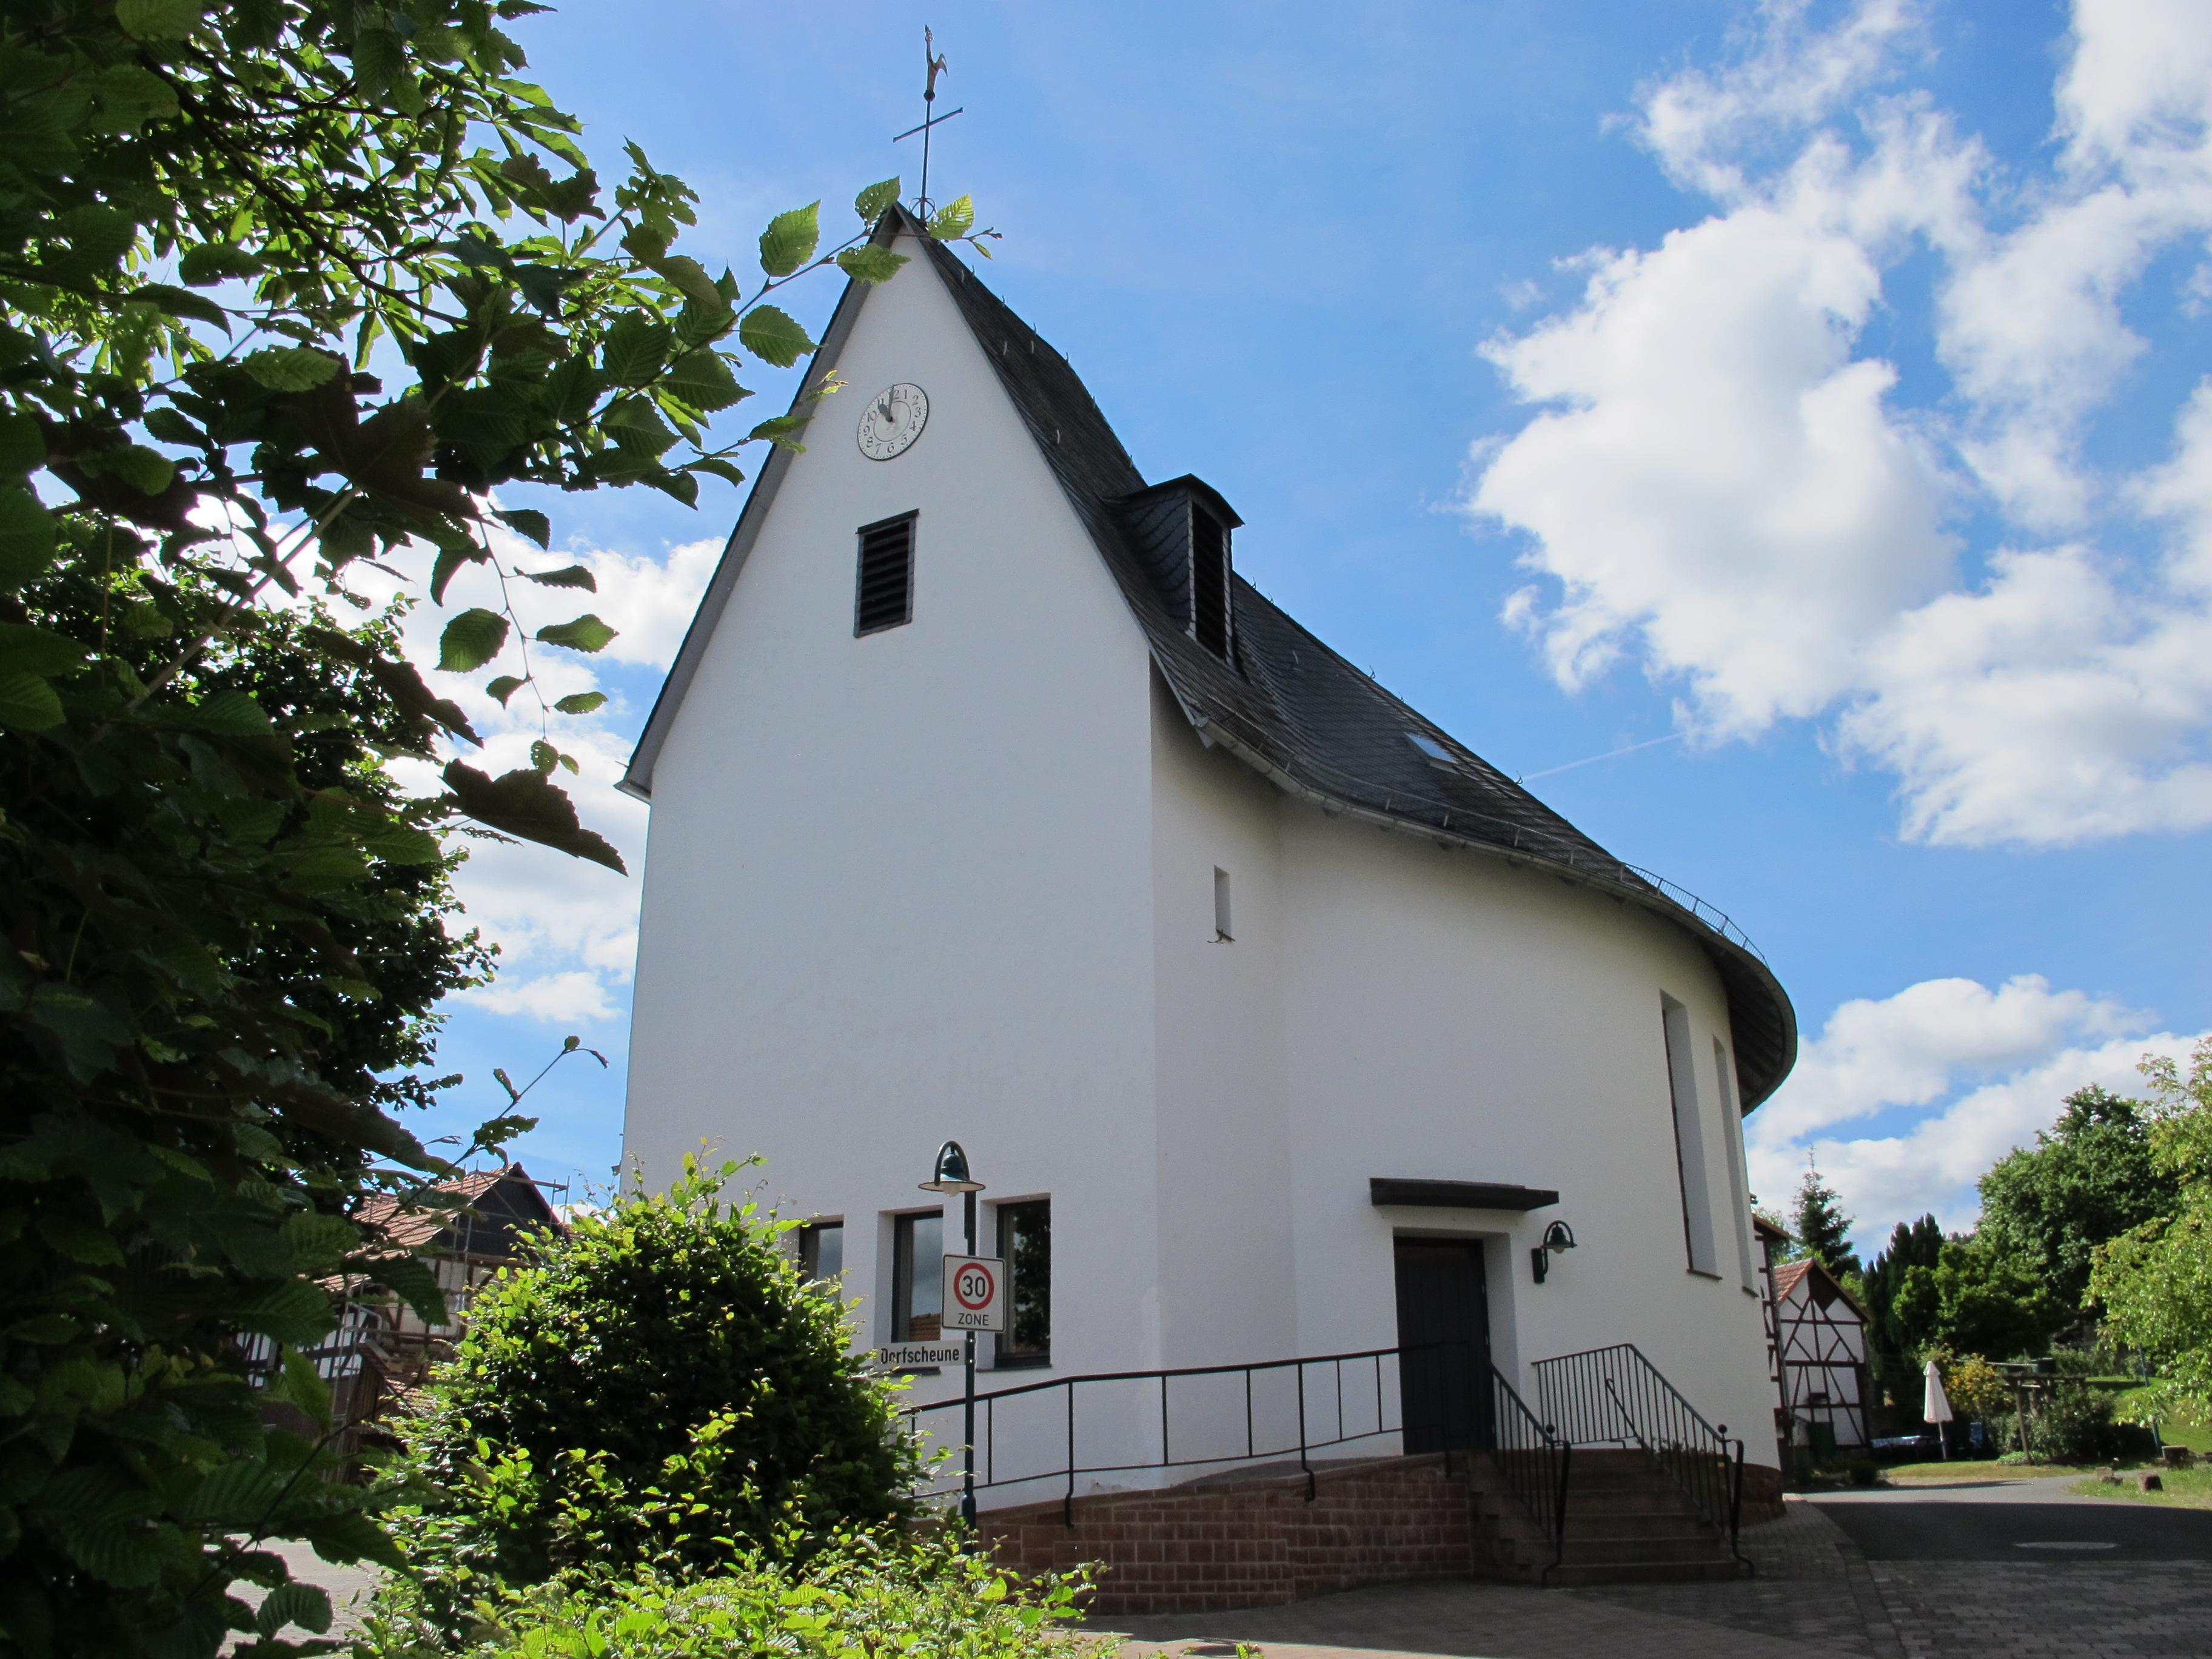 Langendorf